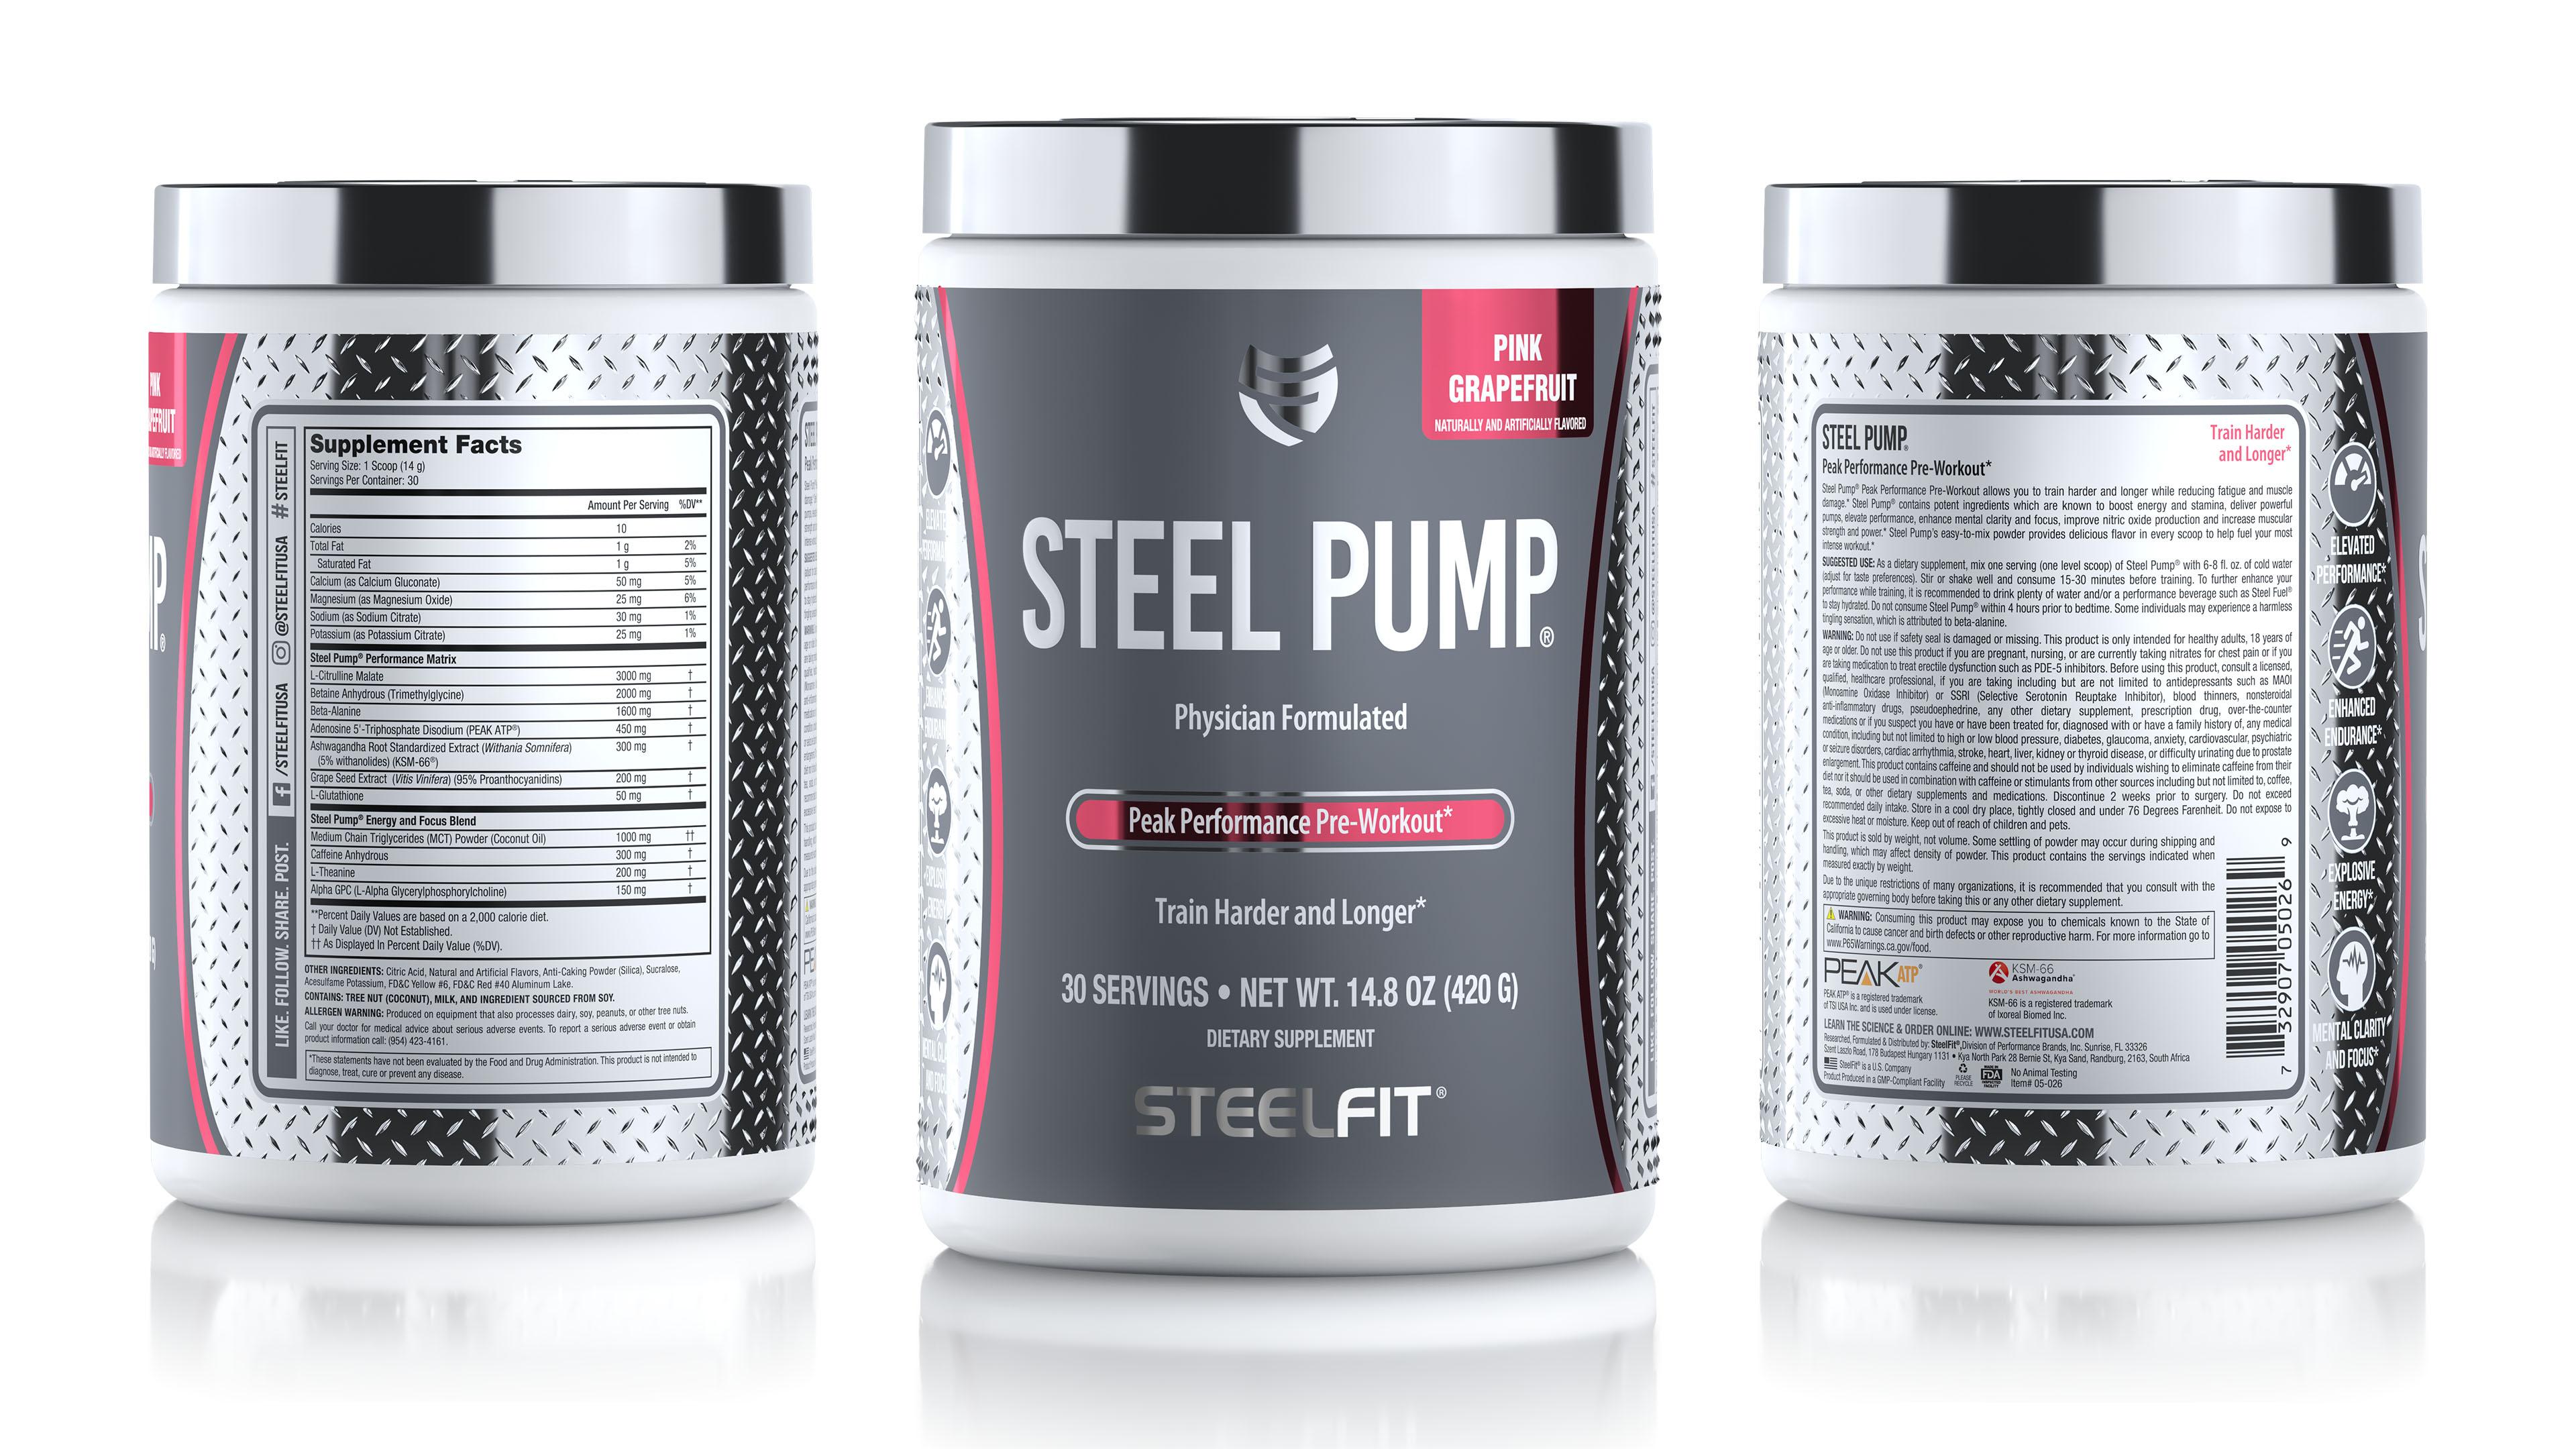 Steel Pump nutrition capsule container package renderings